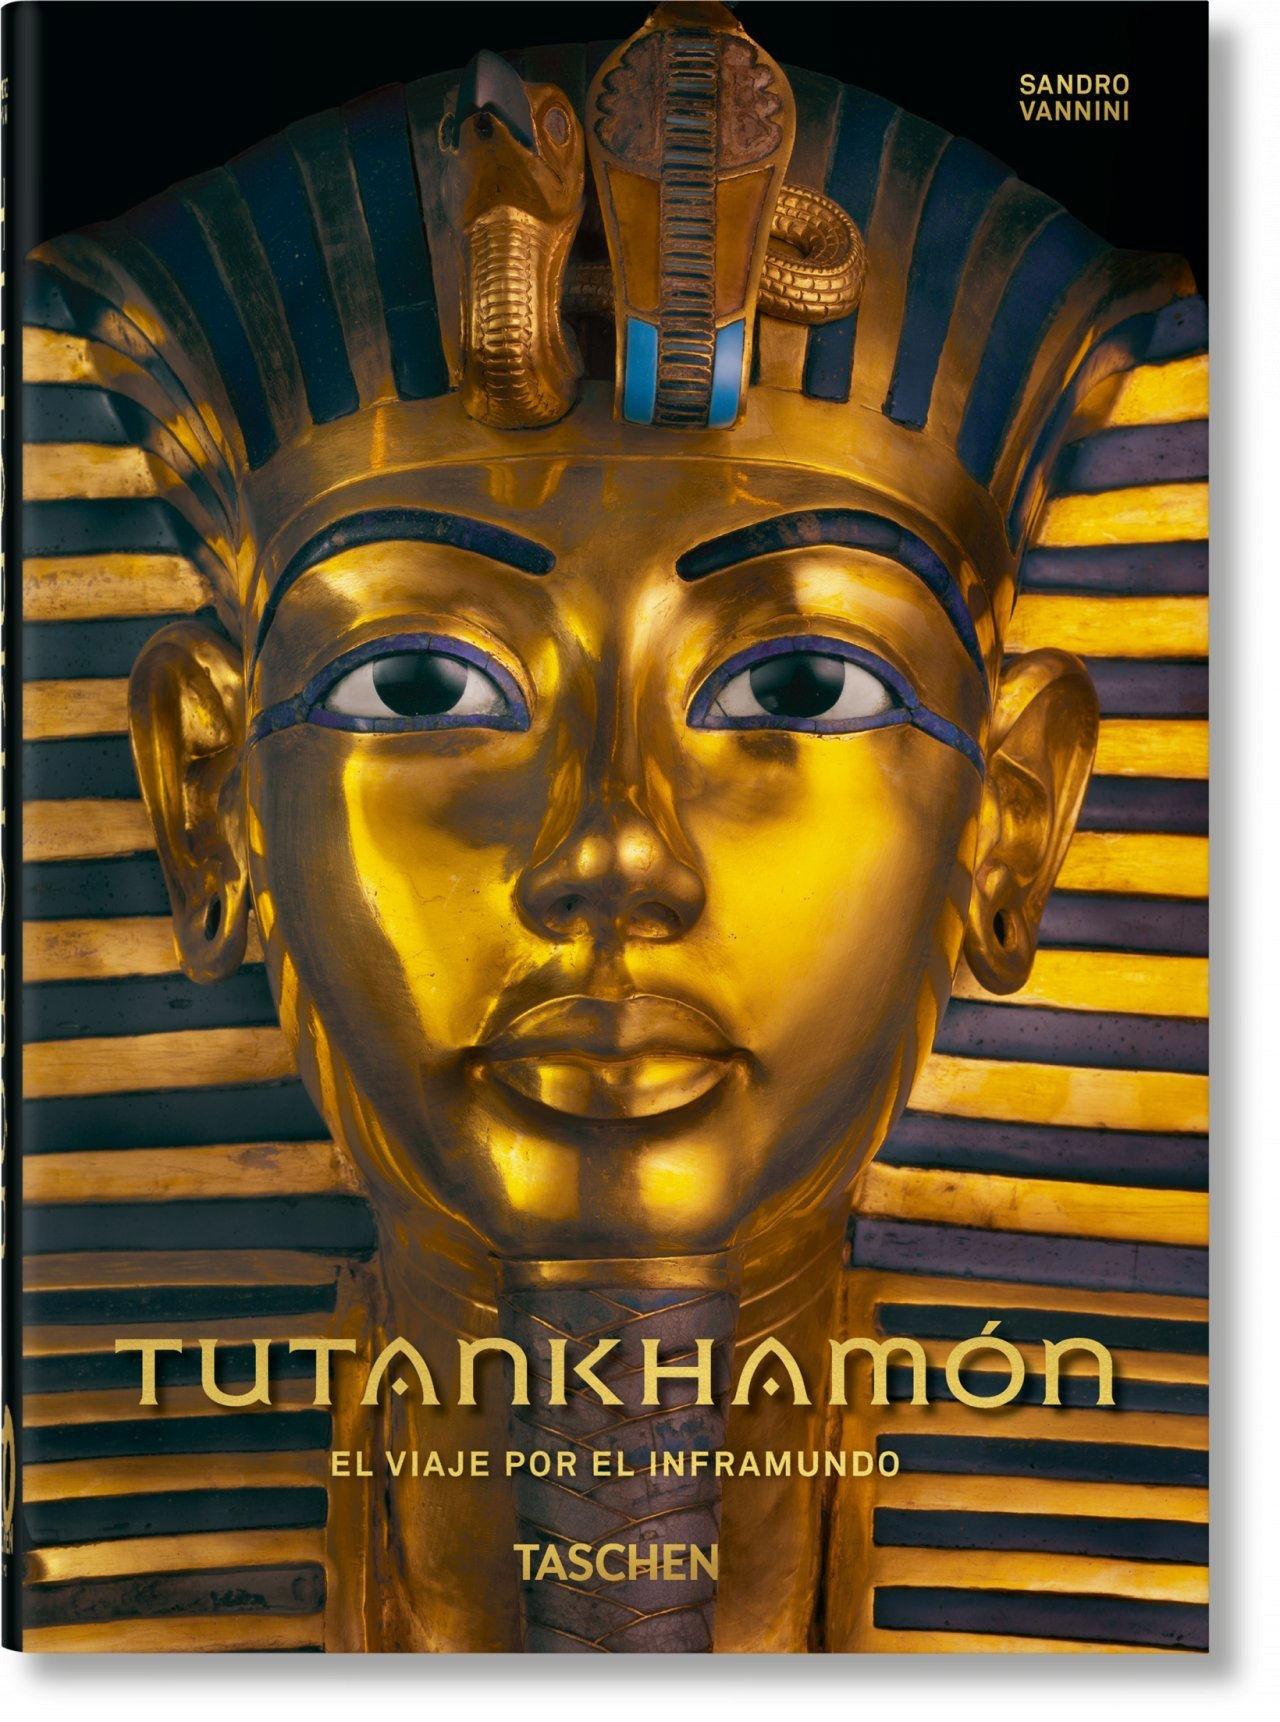 TUTANKHAMON EL VIAJE POR EL INFRAMUNDO 40TH ANNIVERSARY EDITION